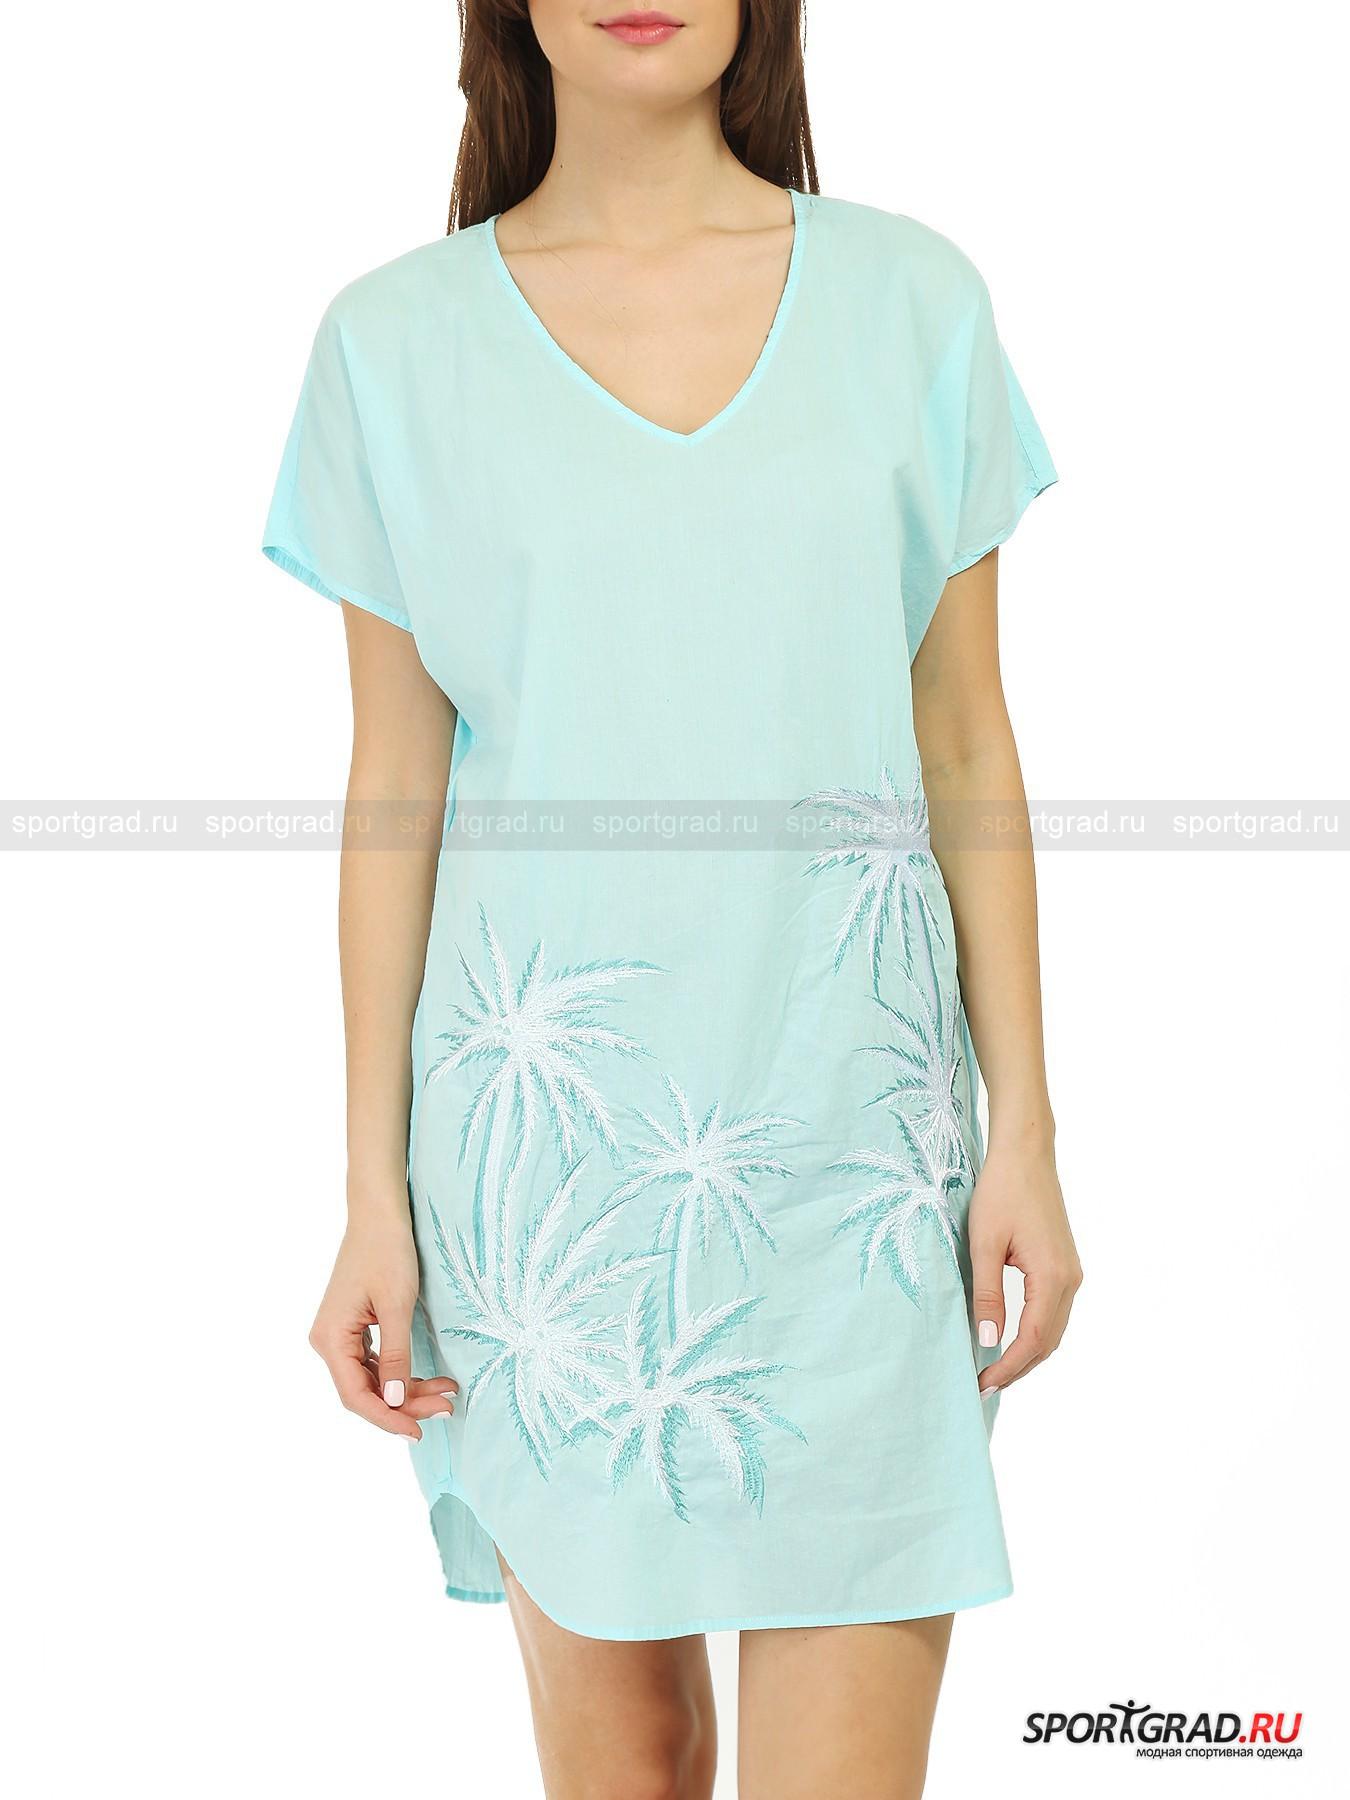 Платье женское пляжное Philina FIRE&ICE